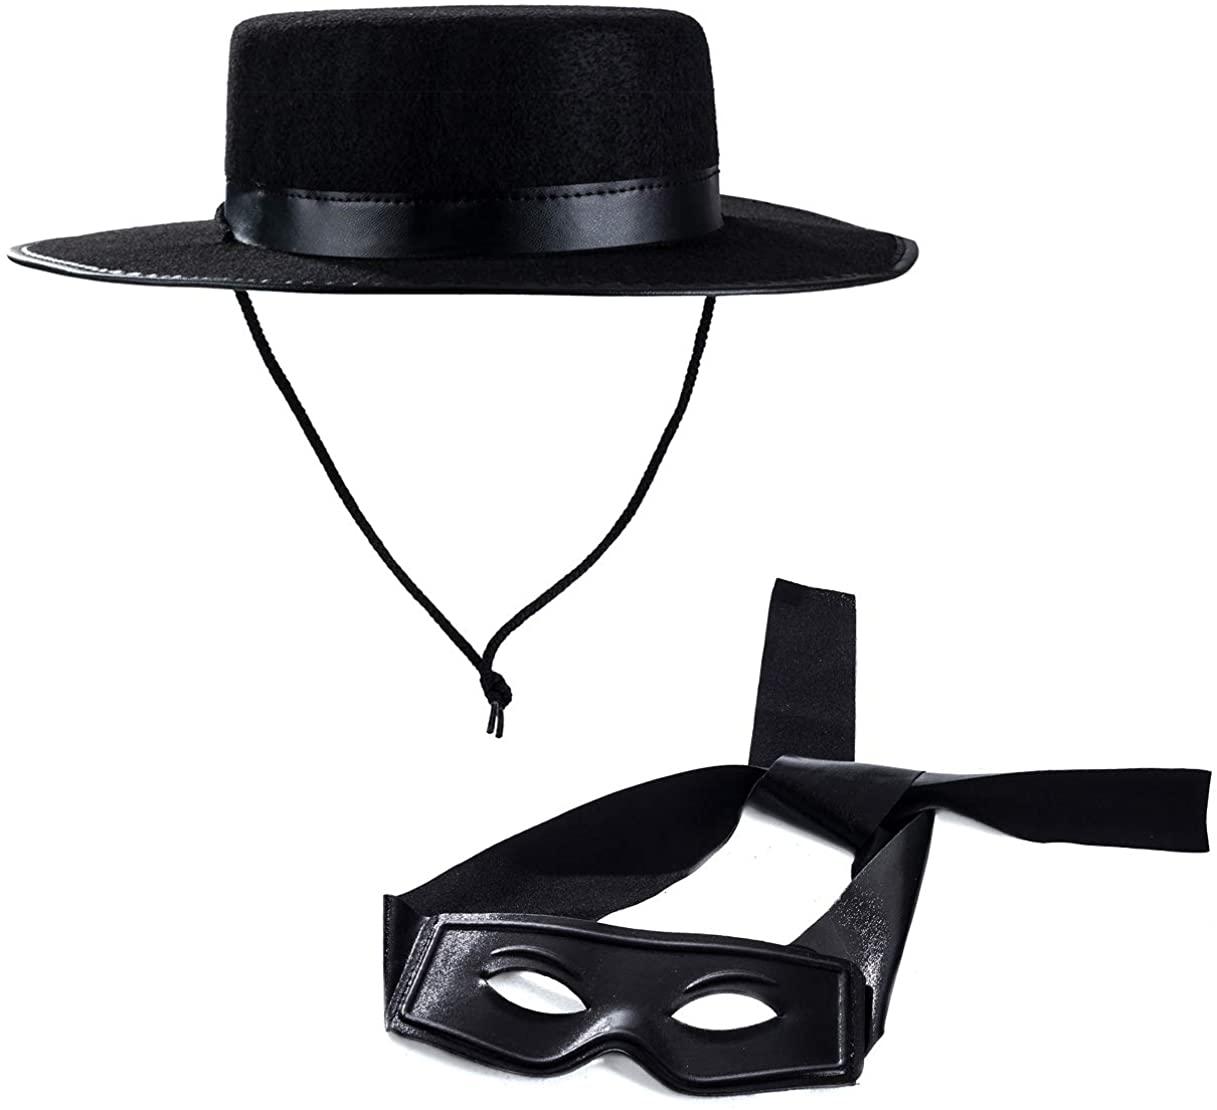 Tigerdoe Zorro Costume - Zorro Hat and Mask - Zorro Accessories - Costume Accessories Black